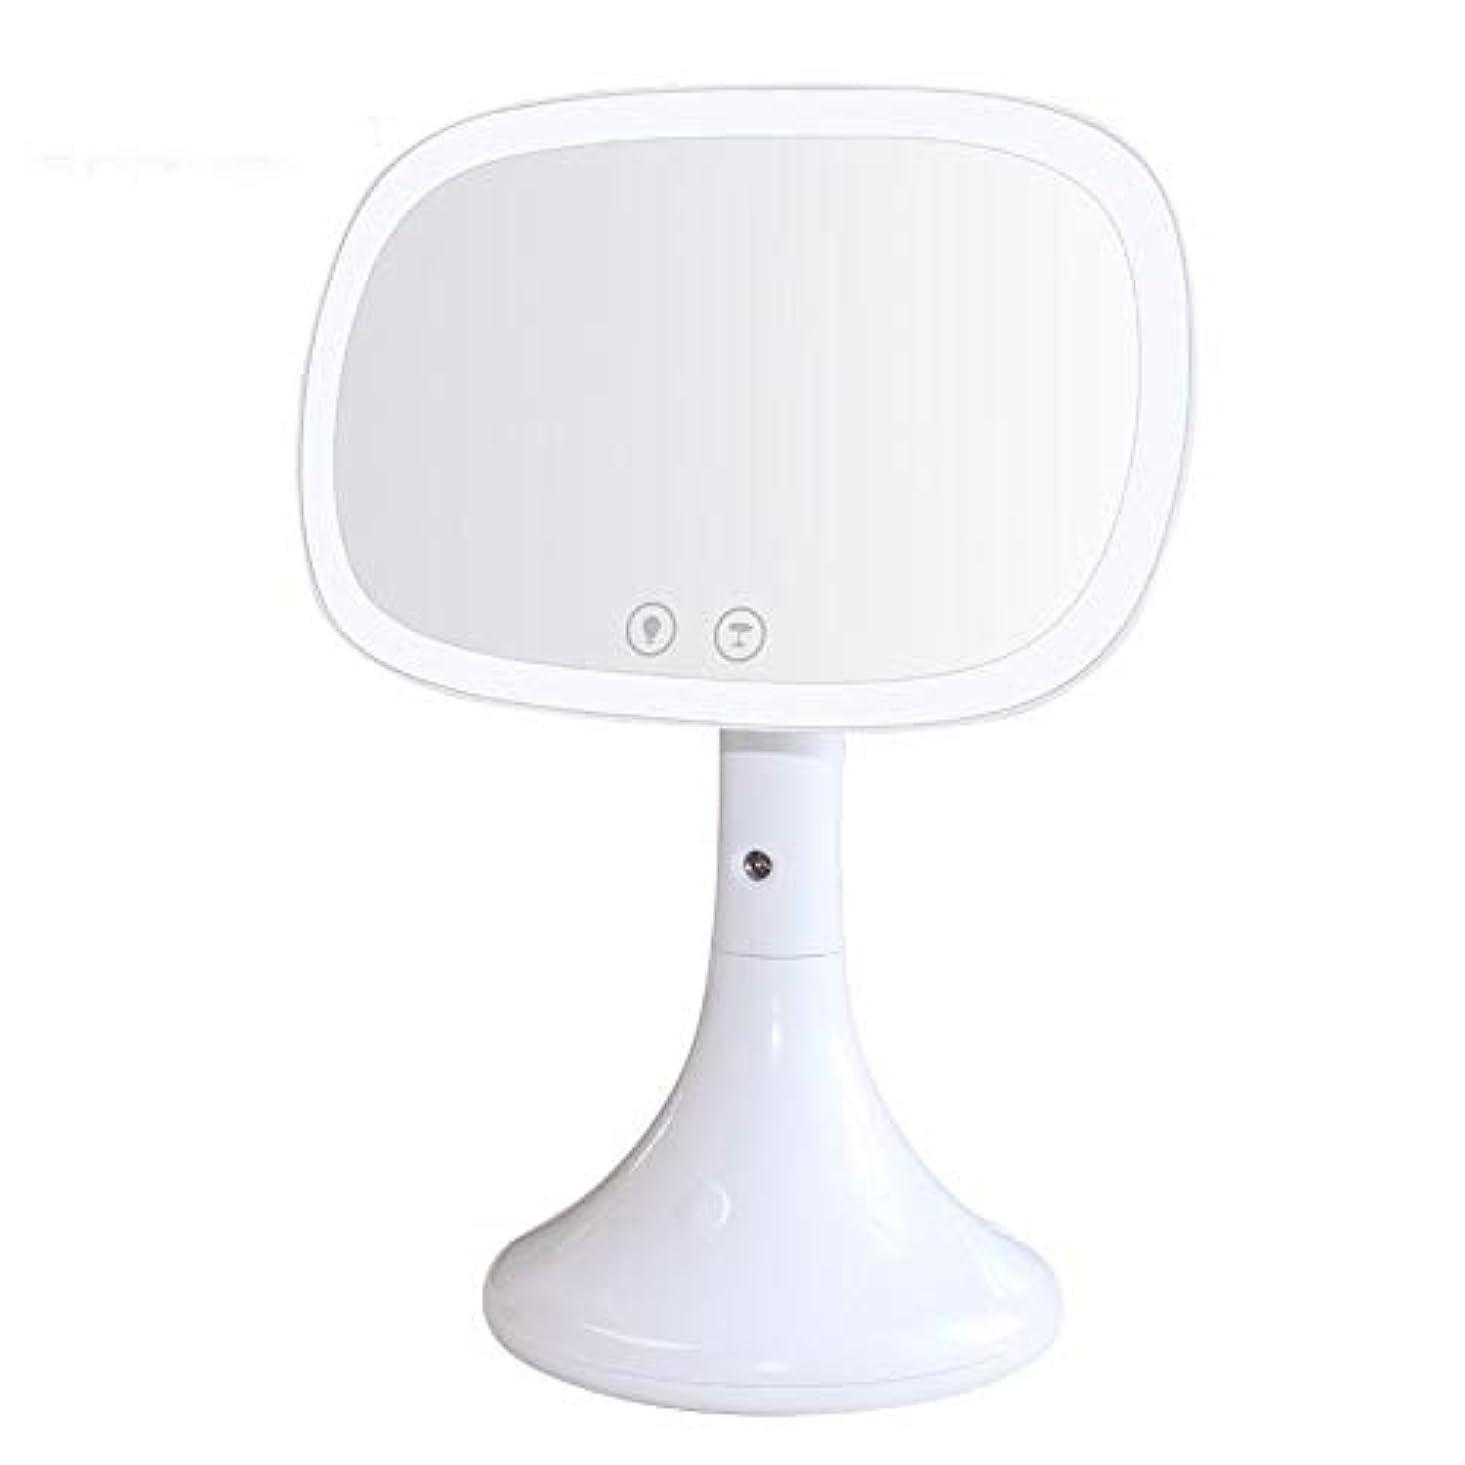 出発する樹木判読できない流行の USBデスクトップ化粧鏡LED美容保湿化粧鏡水スプレーホワイトピンク (色 : White)